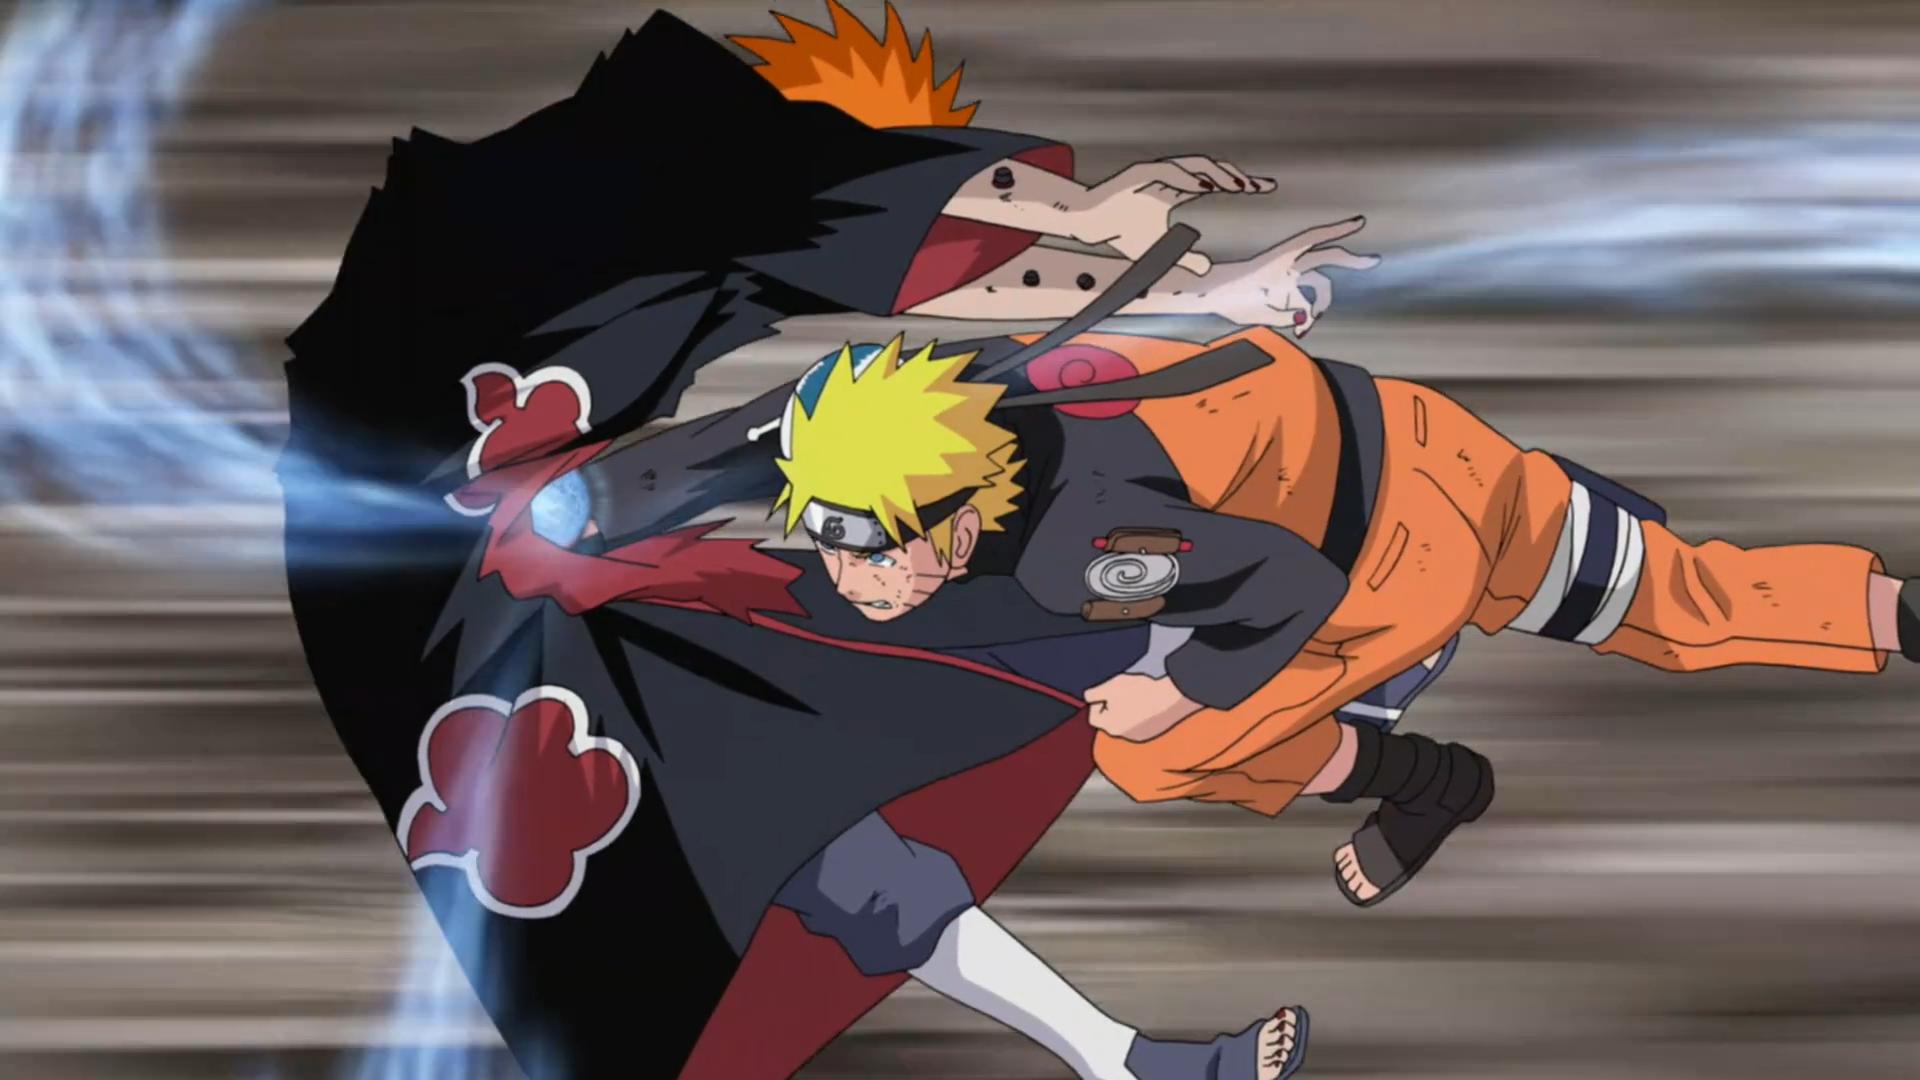 Nagato | Narutopedia | FANDOM powered by Wikia